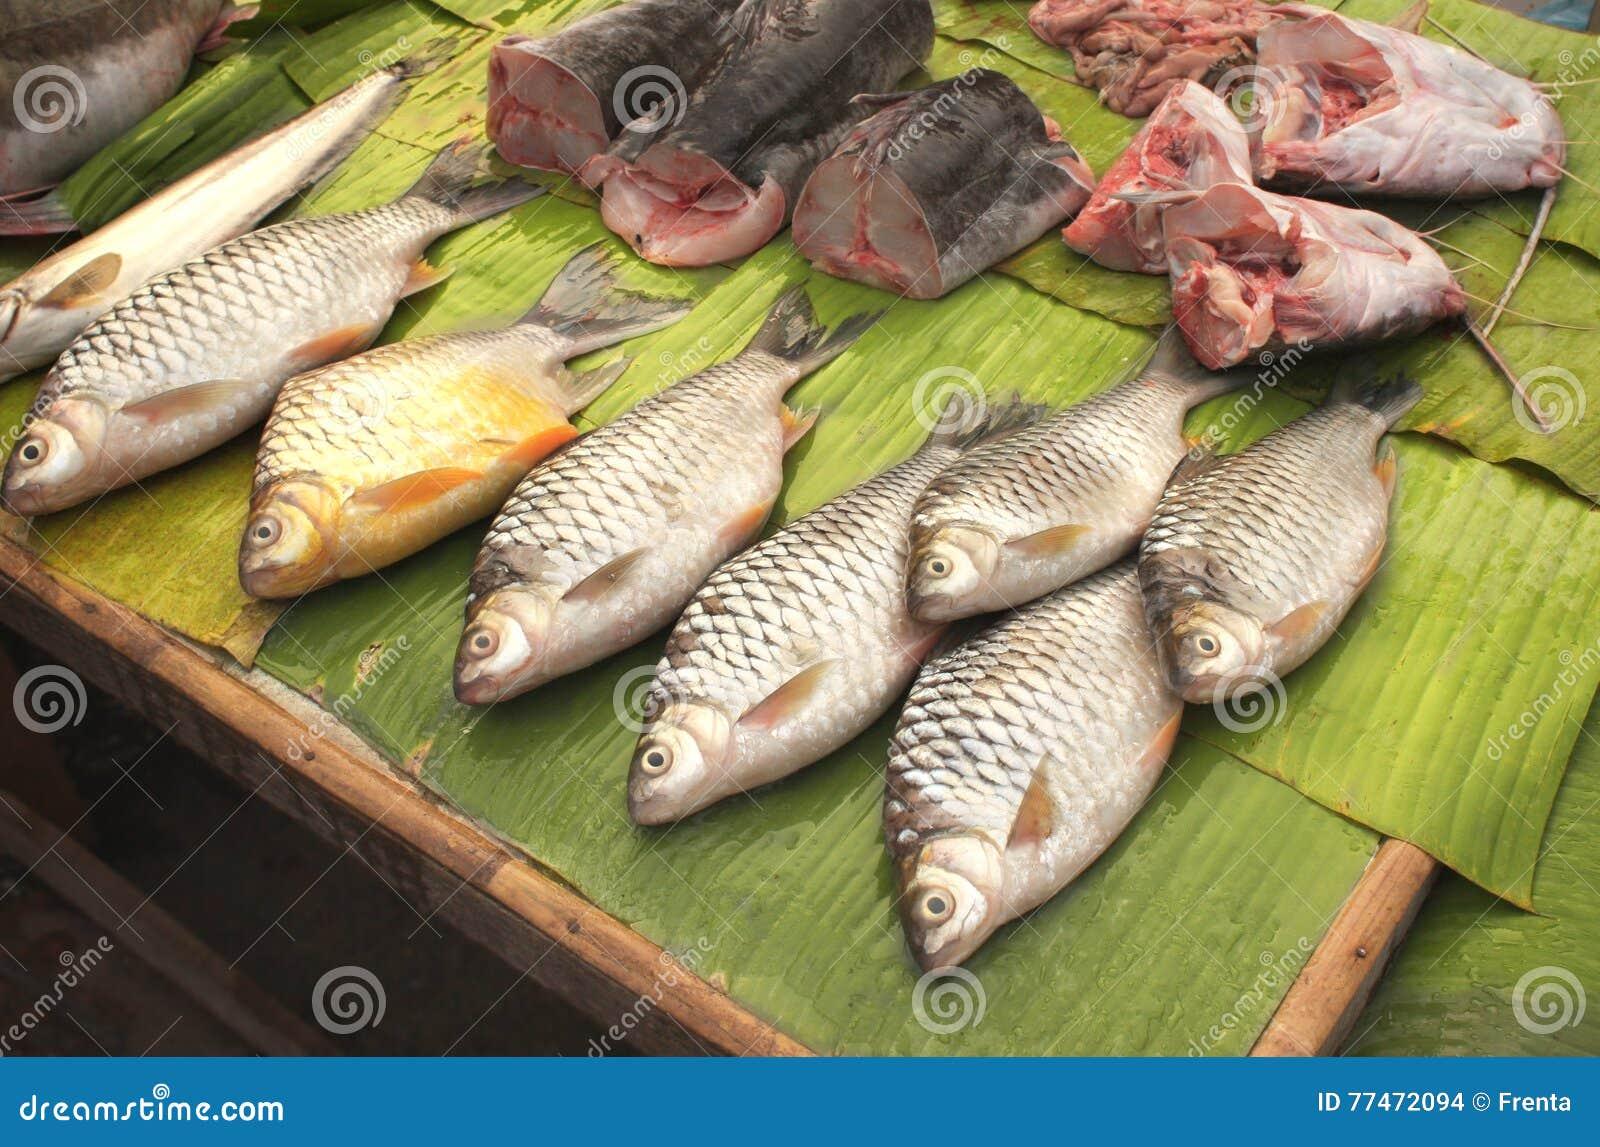 frisch gefangener wels auf palmblatt in einem fischmarkt luang prab stockfoto bild von blatt. Black Bedroom Furniture Sets. Home Design Ideas